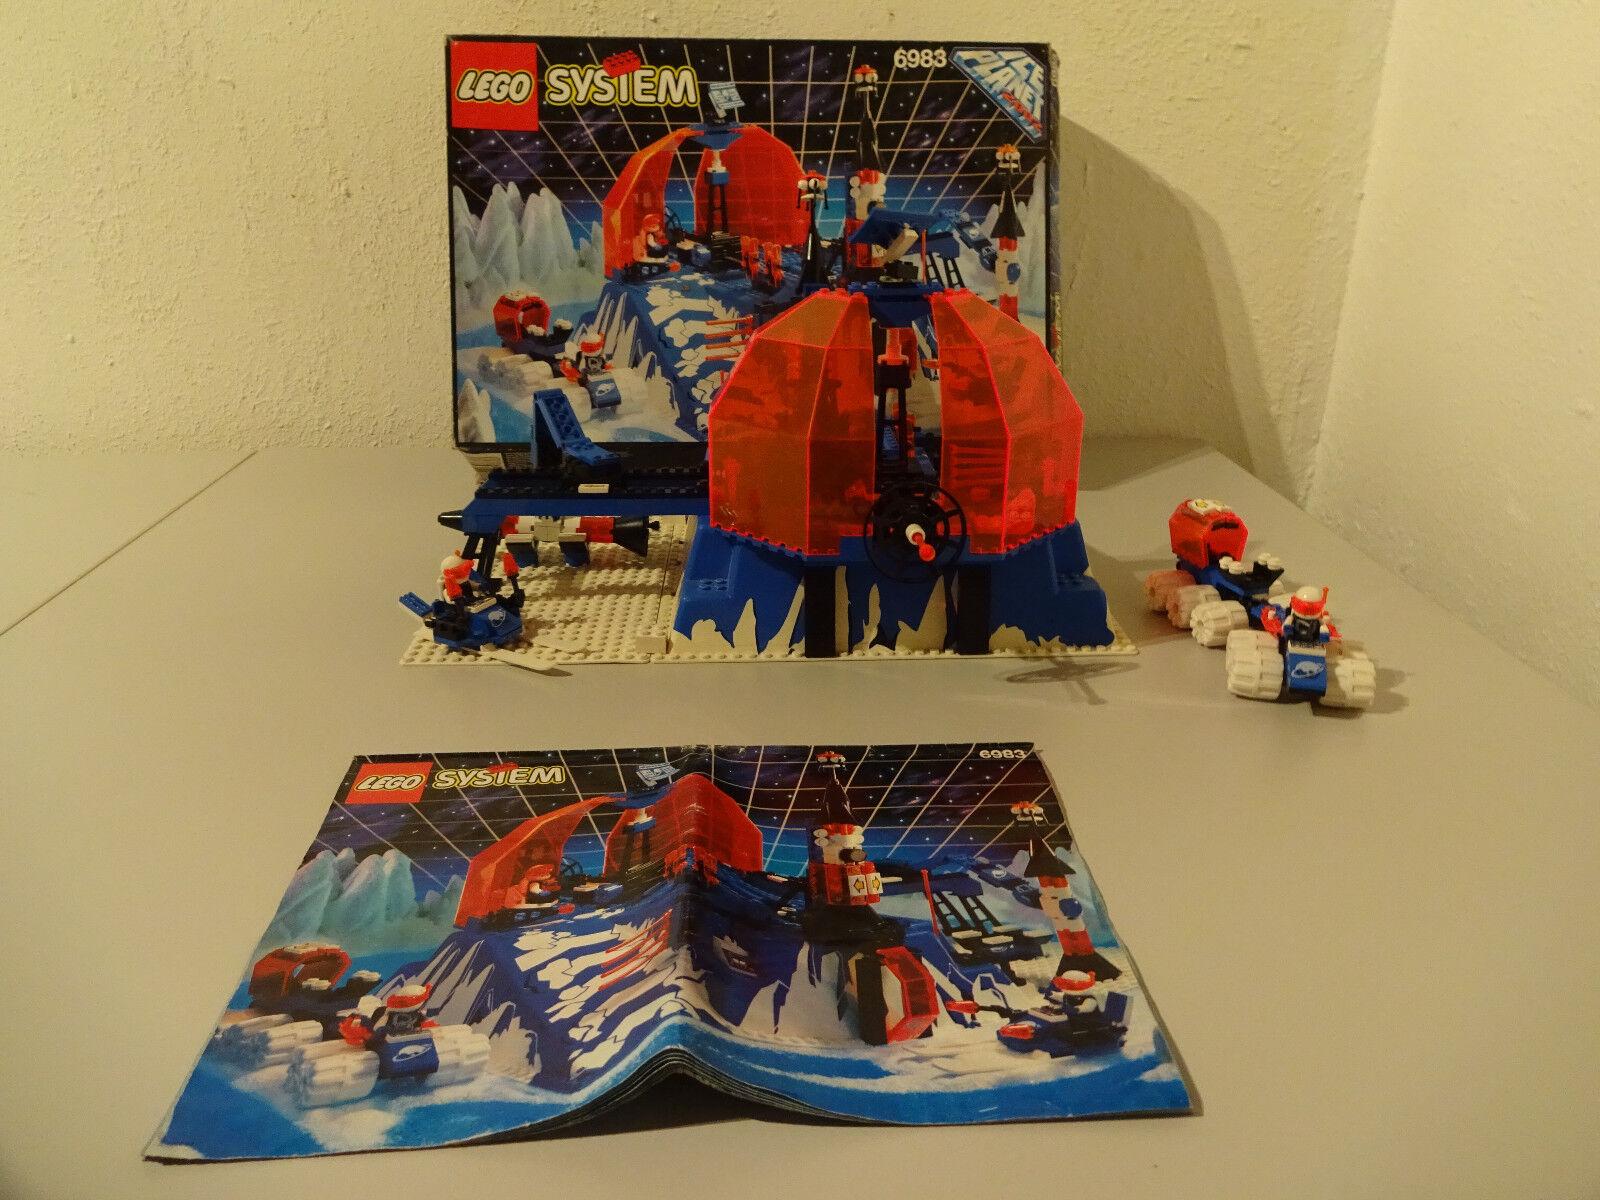 (GO) Lego System 6934 6934 6934 l'Odyssée 6973 Defender avec neuf dans sa boîte & BA 100% complet au choix 75b7b3